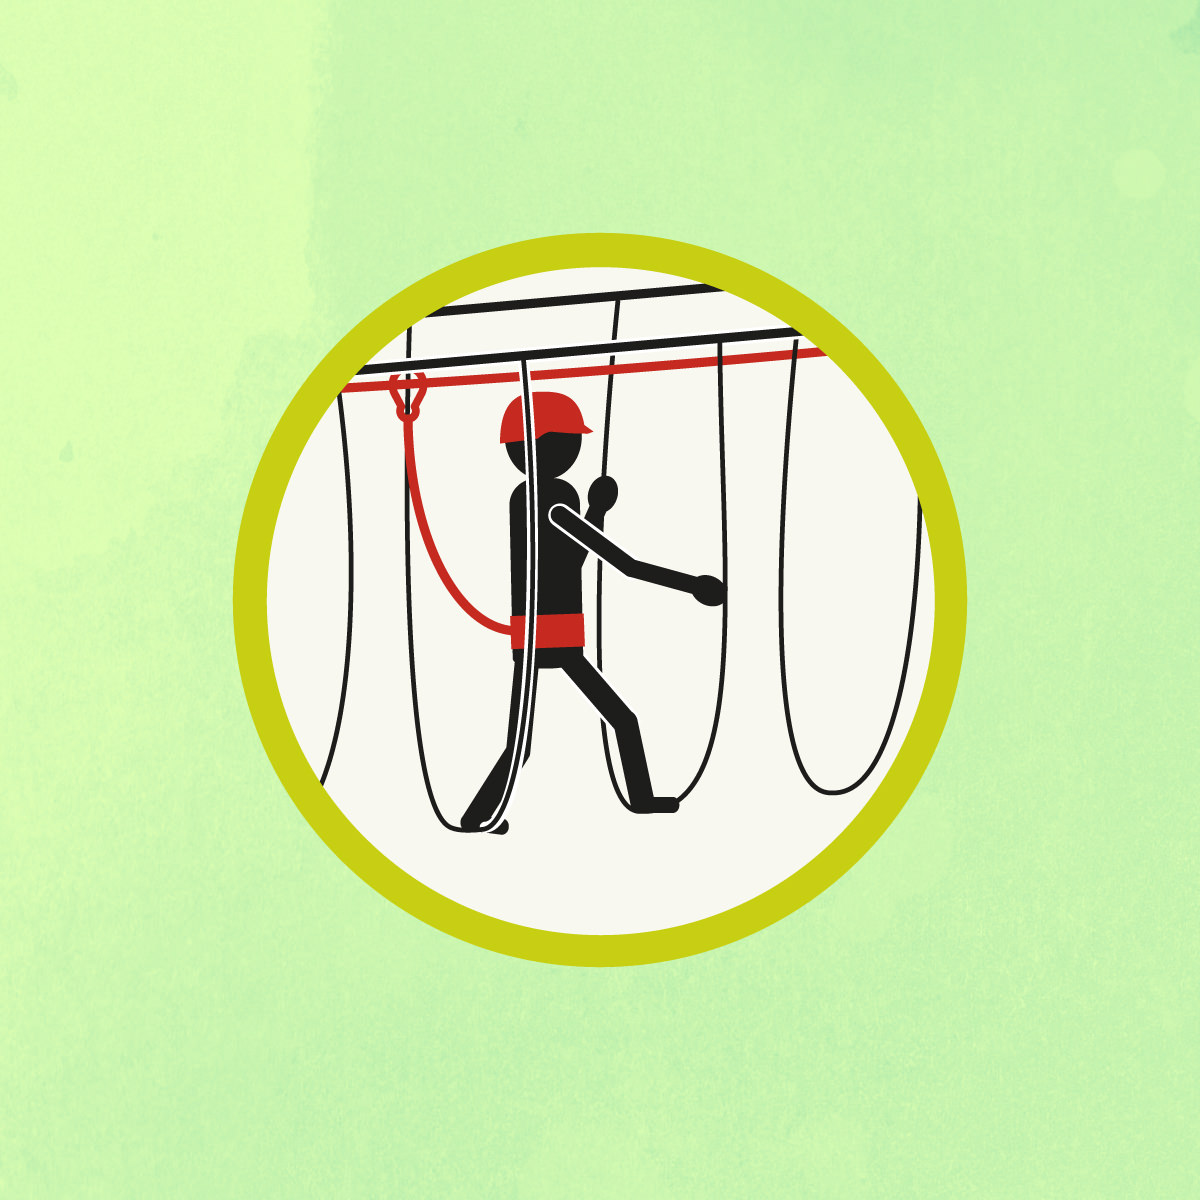 Illustrazione per percorso avventura Acropark